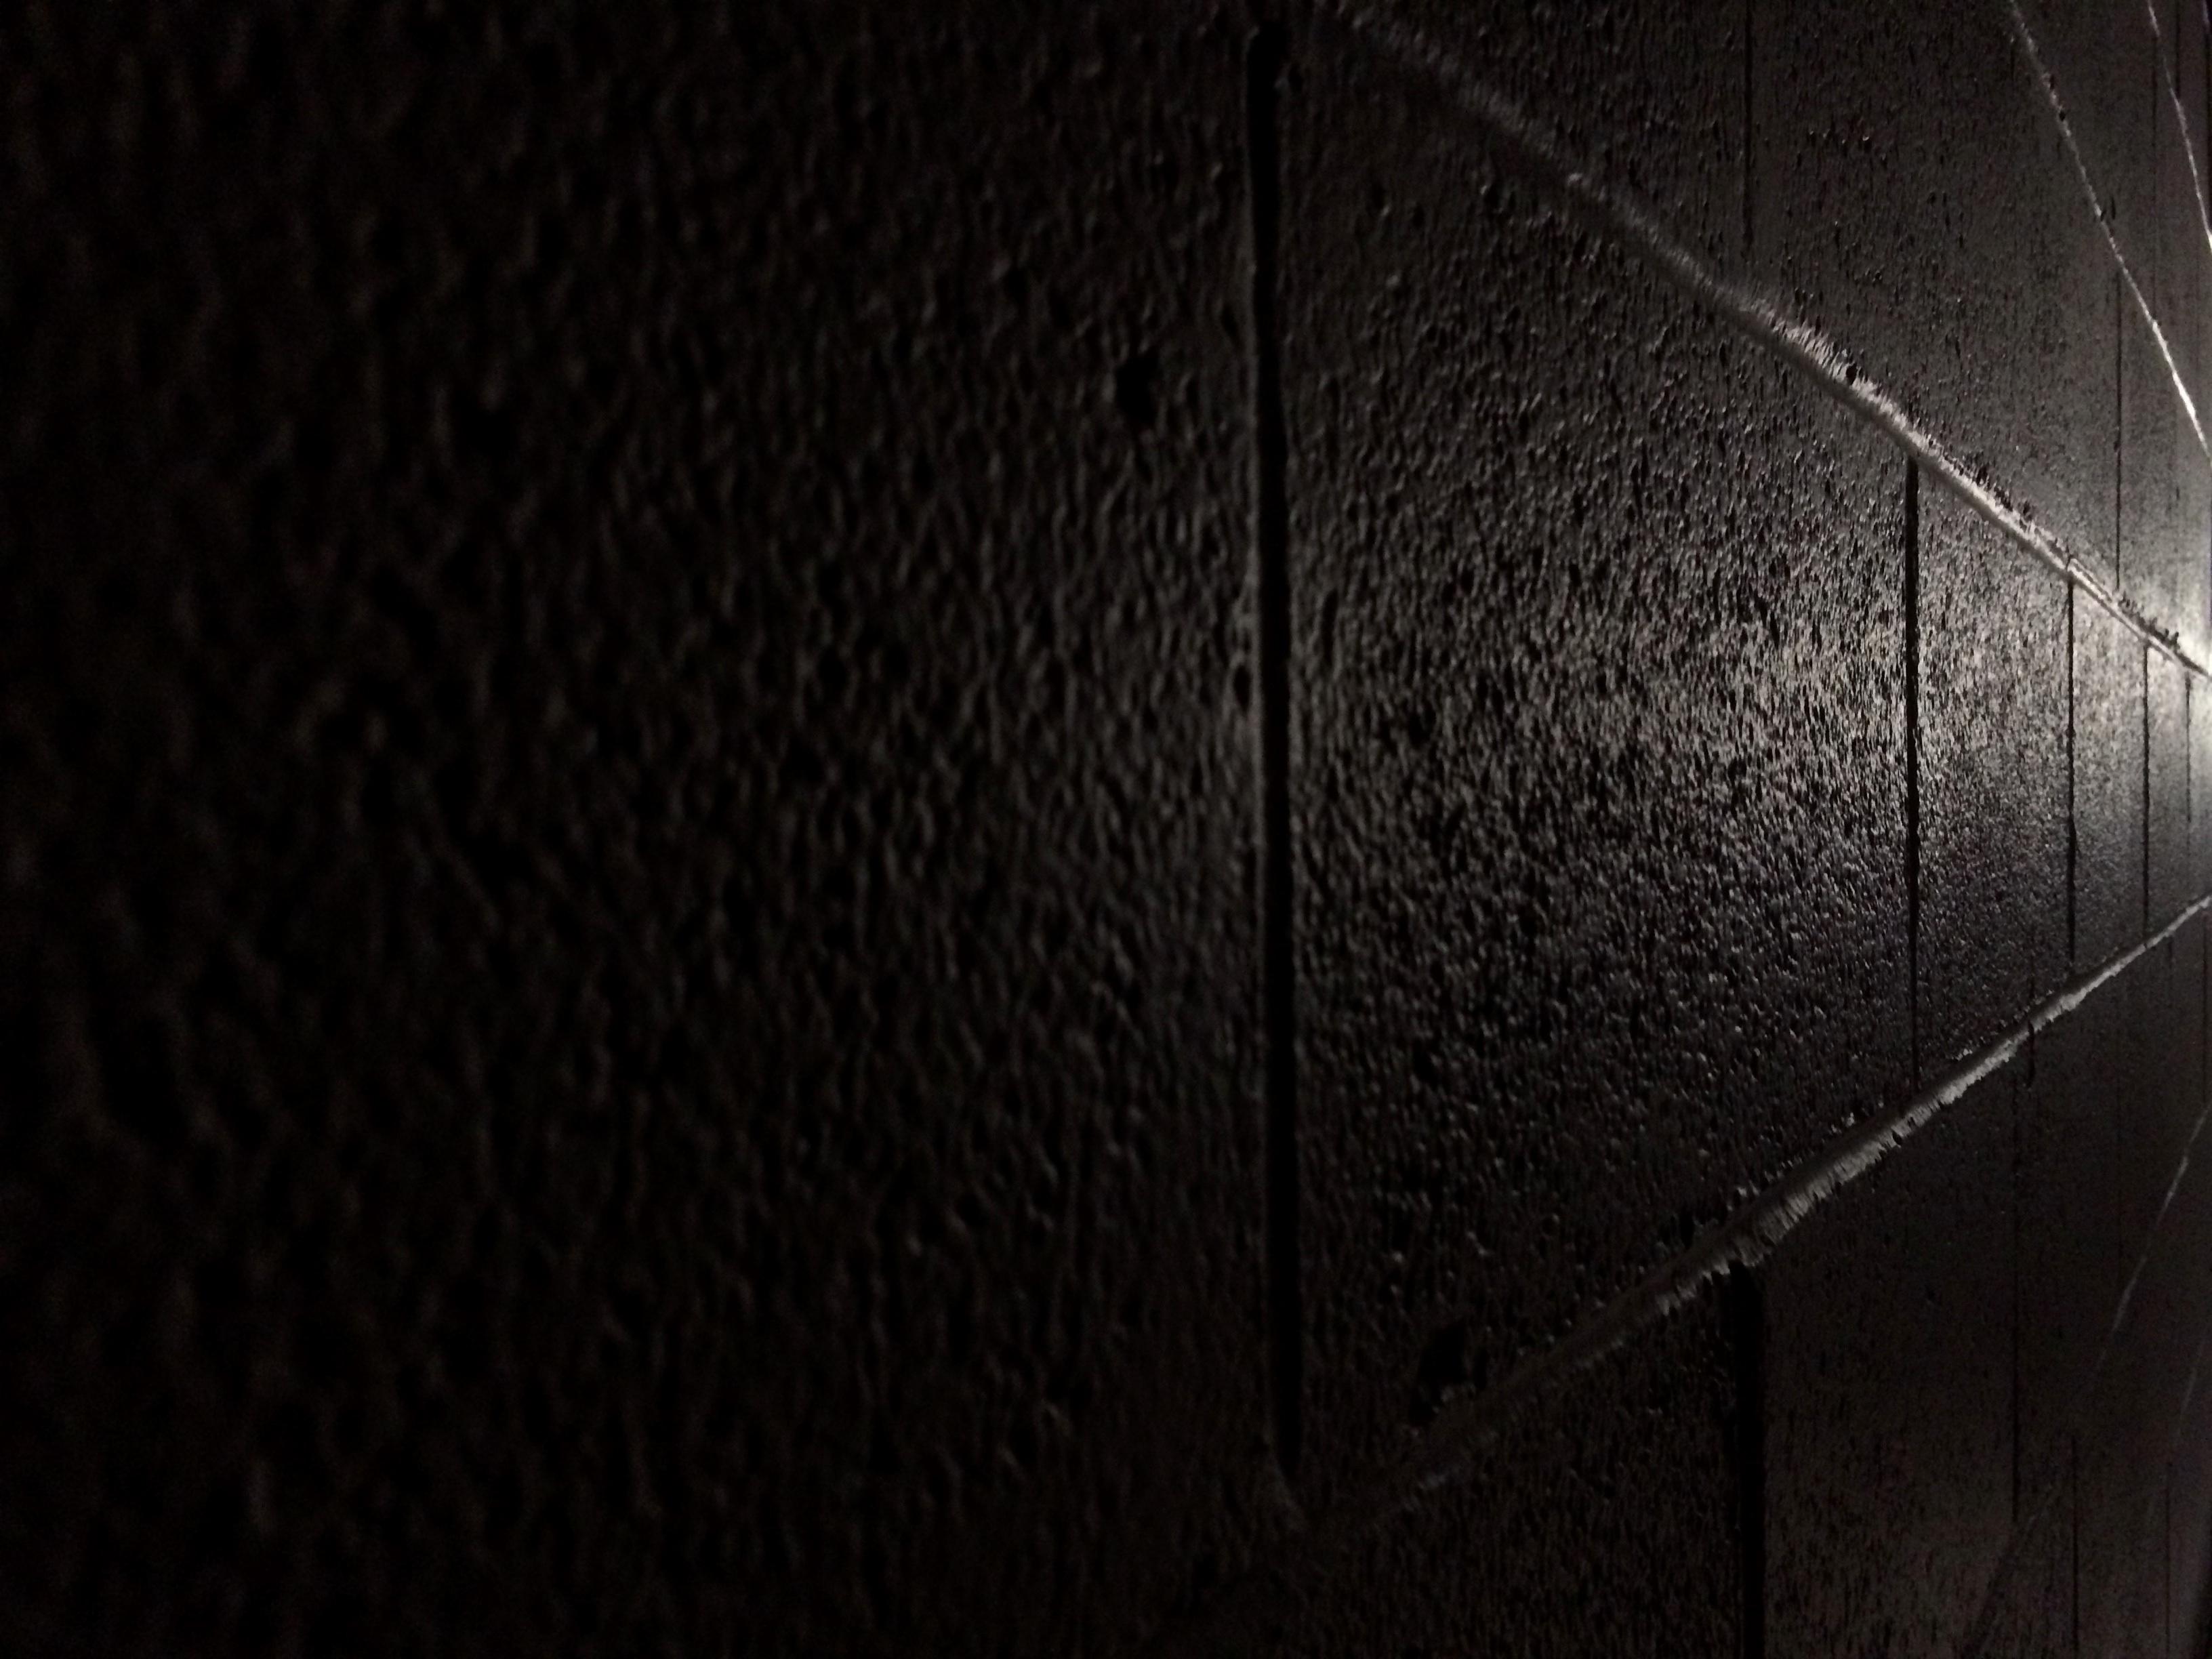 images gratuites lumi re noir et blanc nuit texture mur ligne ombre obscurit. Black Bedroom Furniture Sets. Home Design Ideas